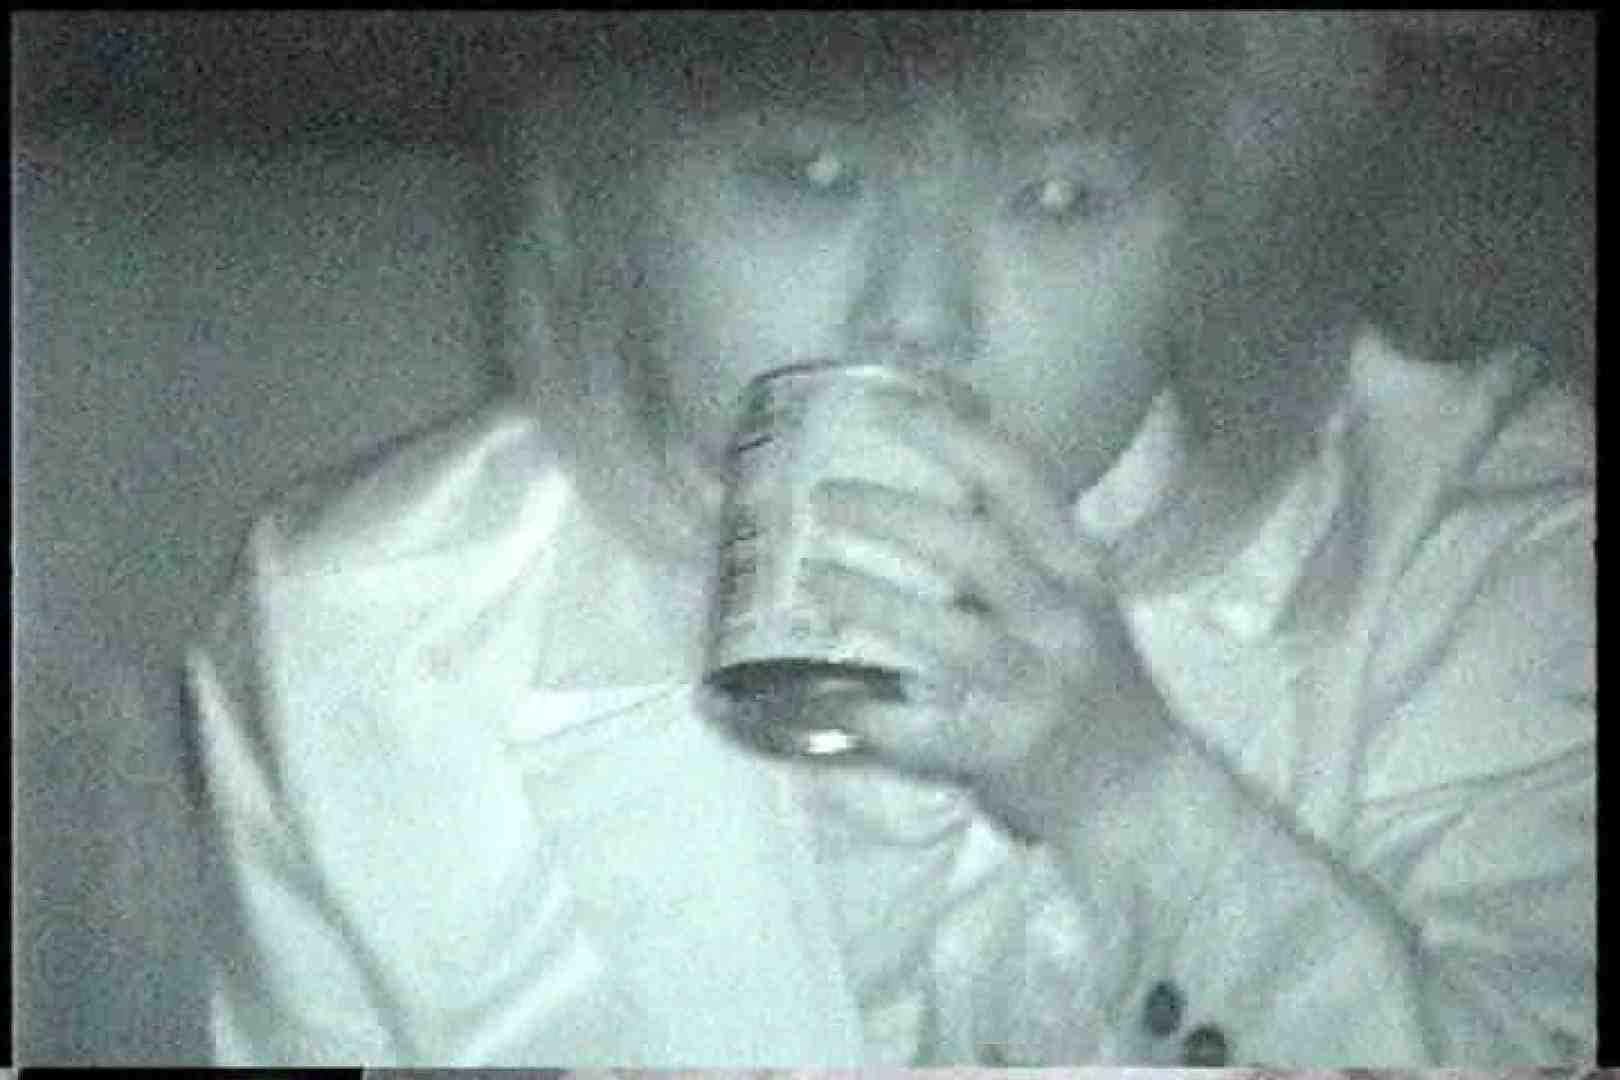 充血監督の深夜の運動会Vol.226 すけべなOL AV無料動画キャプチャ 80画像 62